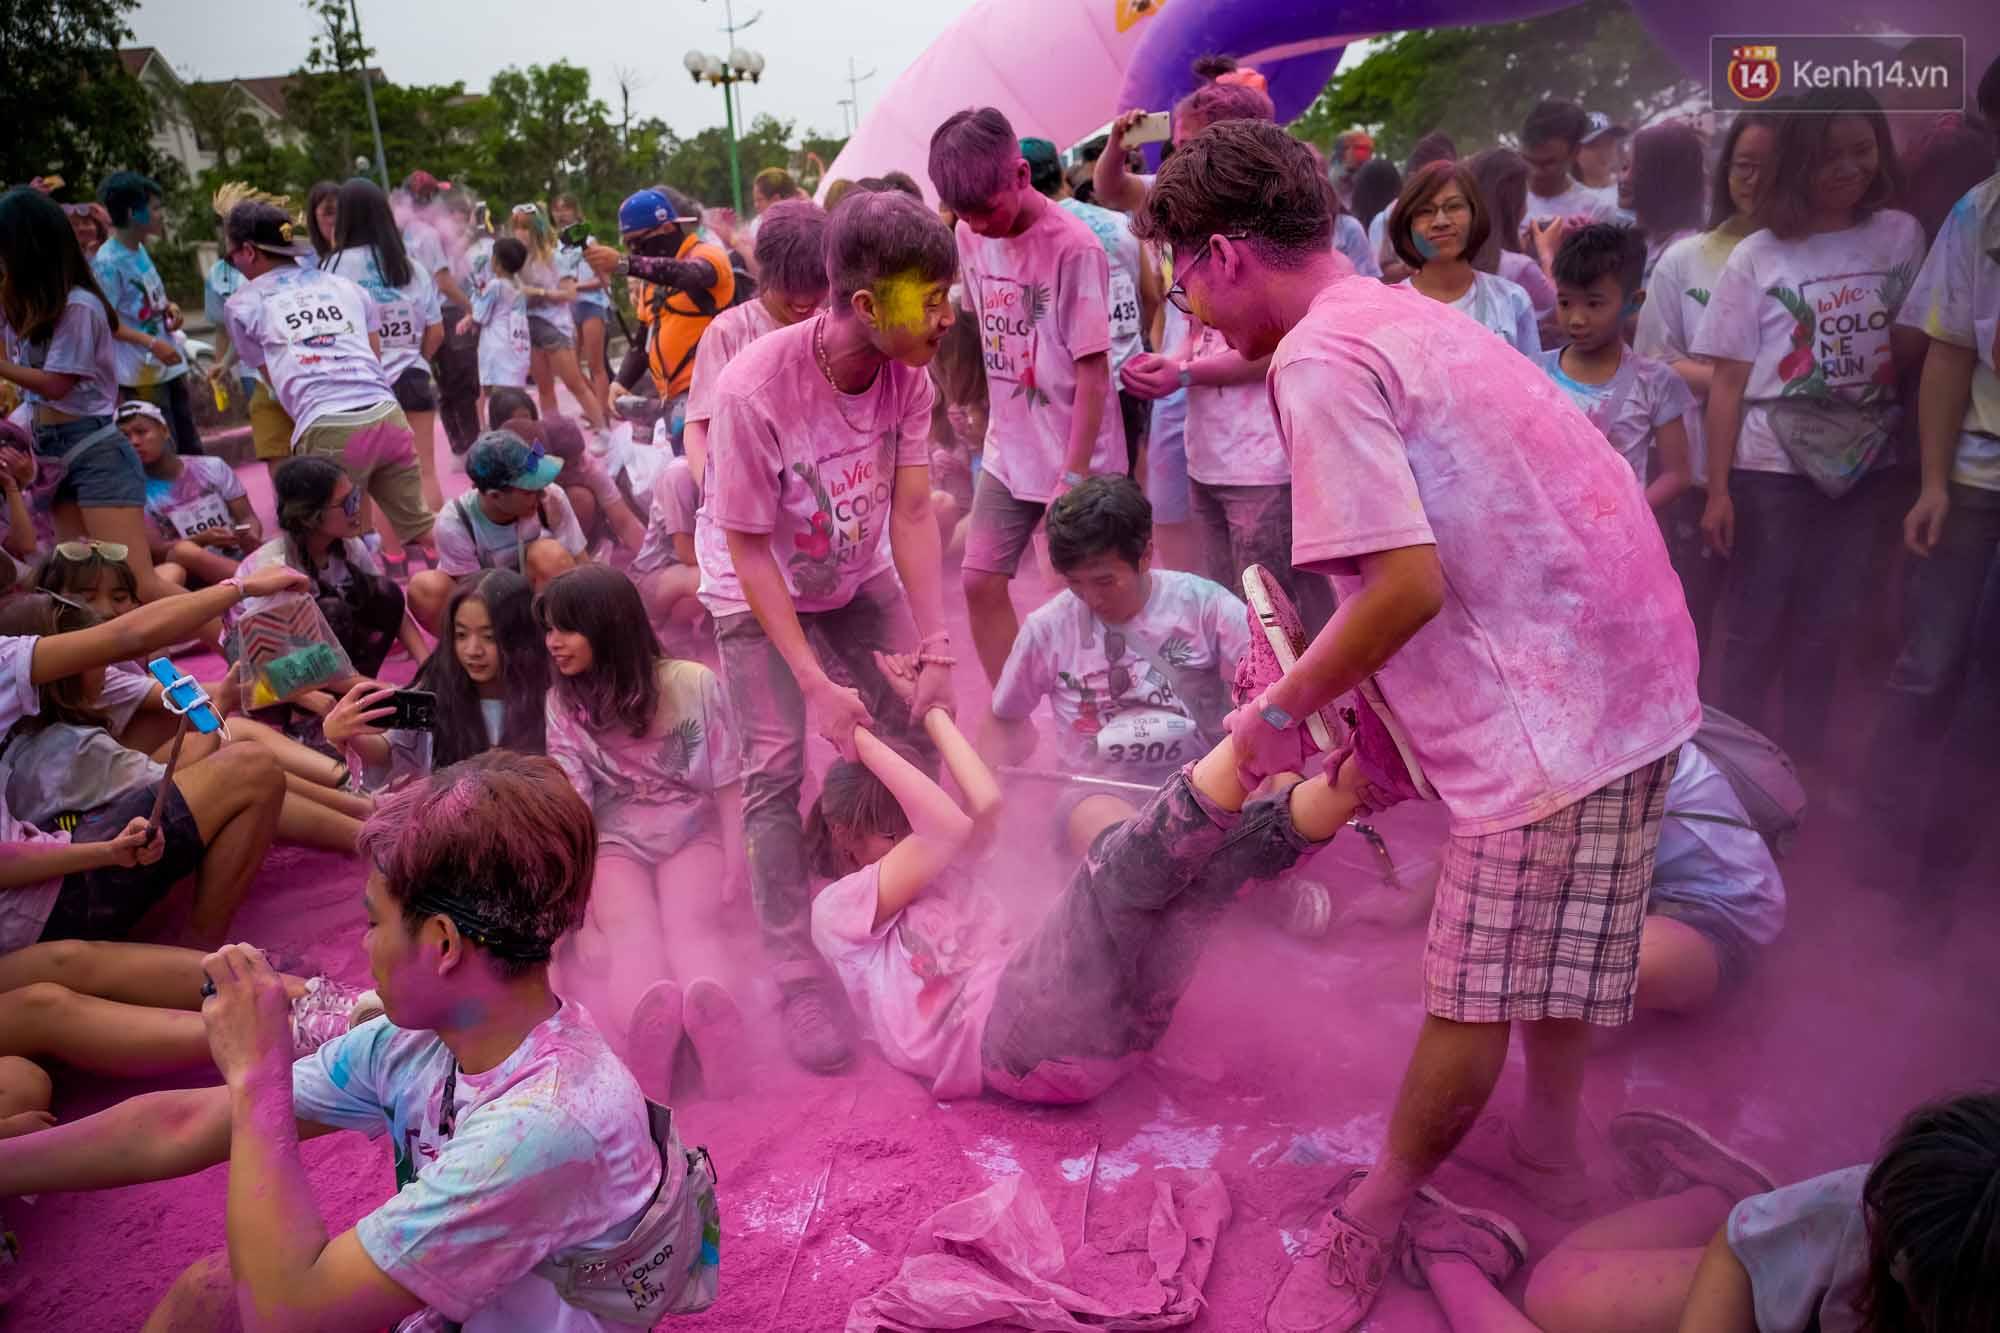 Những khoảnh khắc chứng minh đi Color Me Run lúc nào cũng vui và được quẩy hết mình! - Ảnh 10.